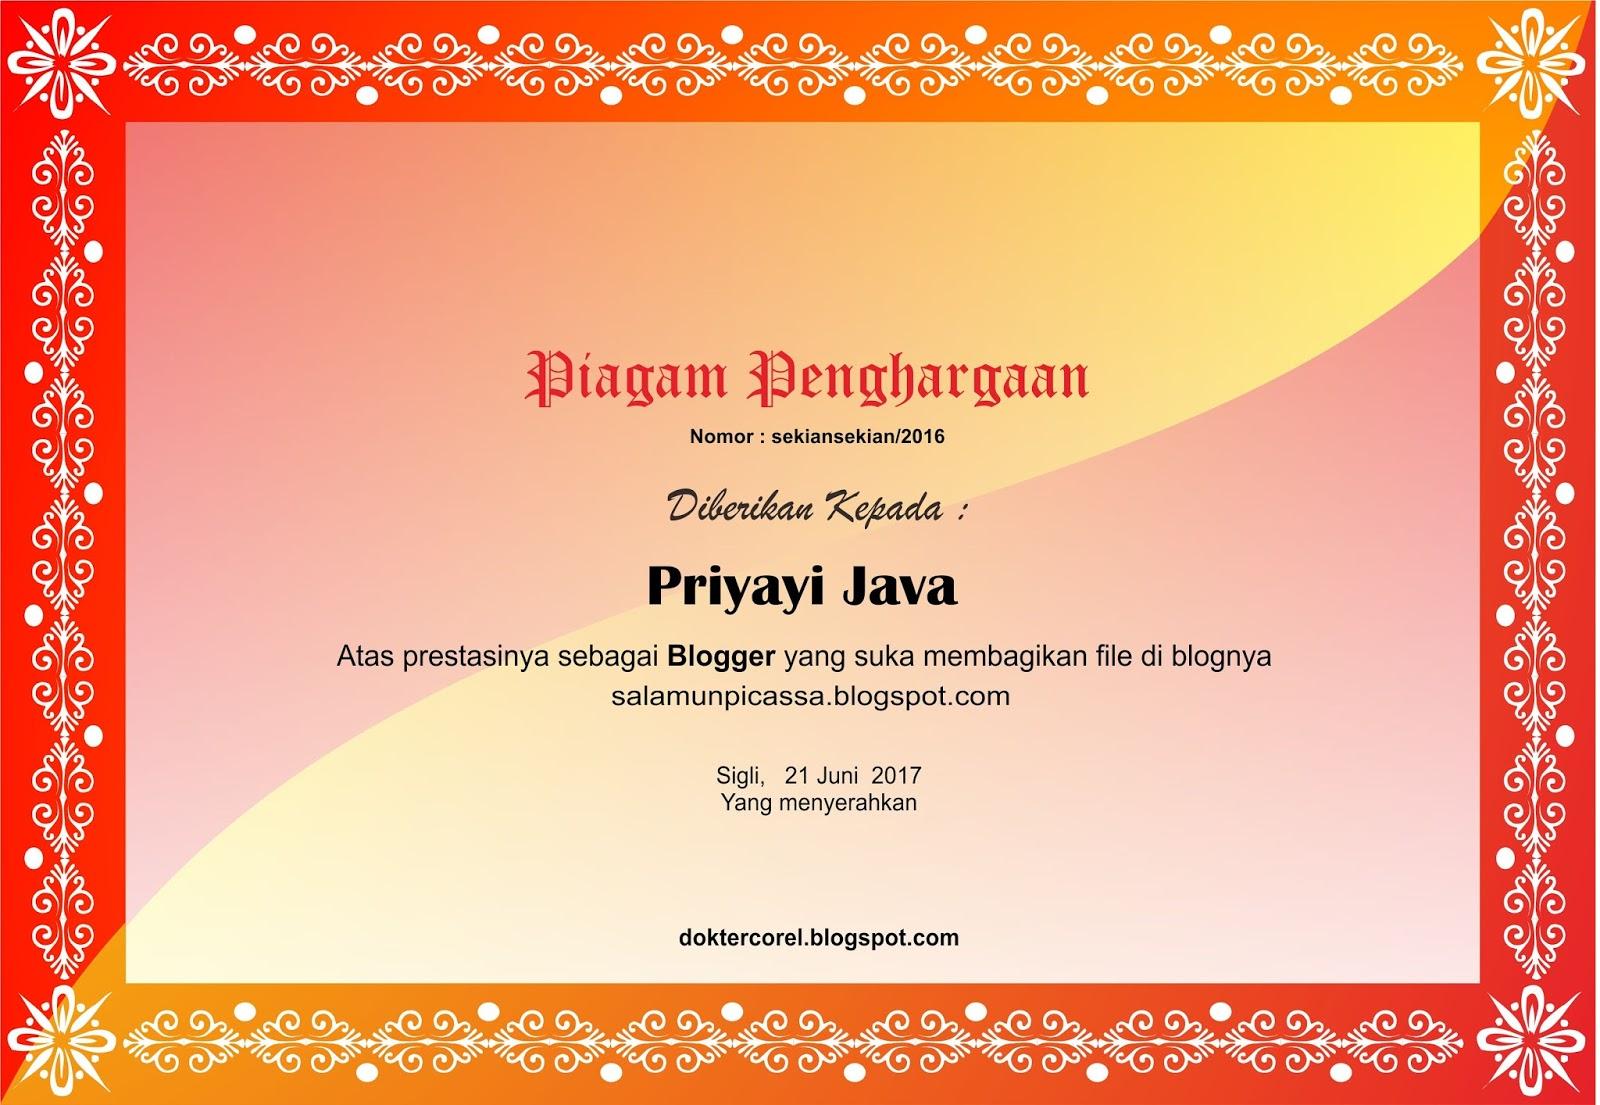 Download Kumpulan Bingkai Sertifikat / piagam Format Corel ...